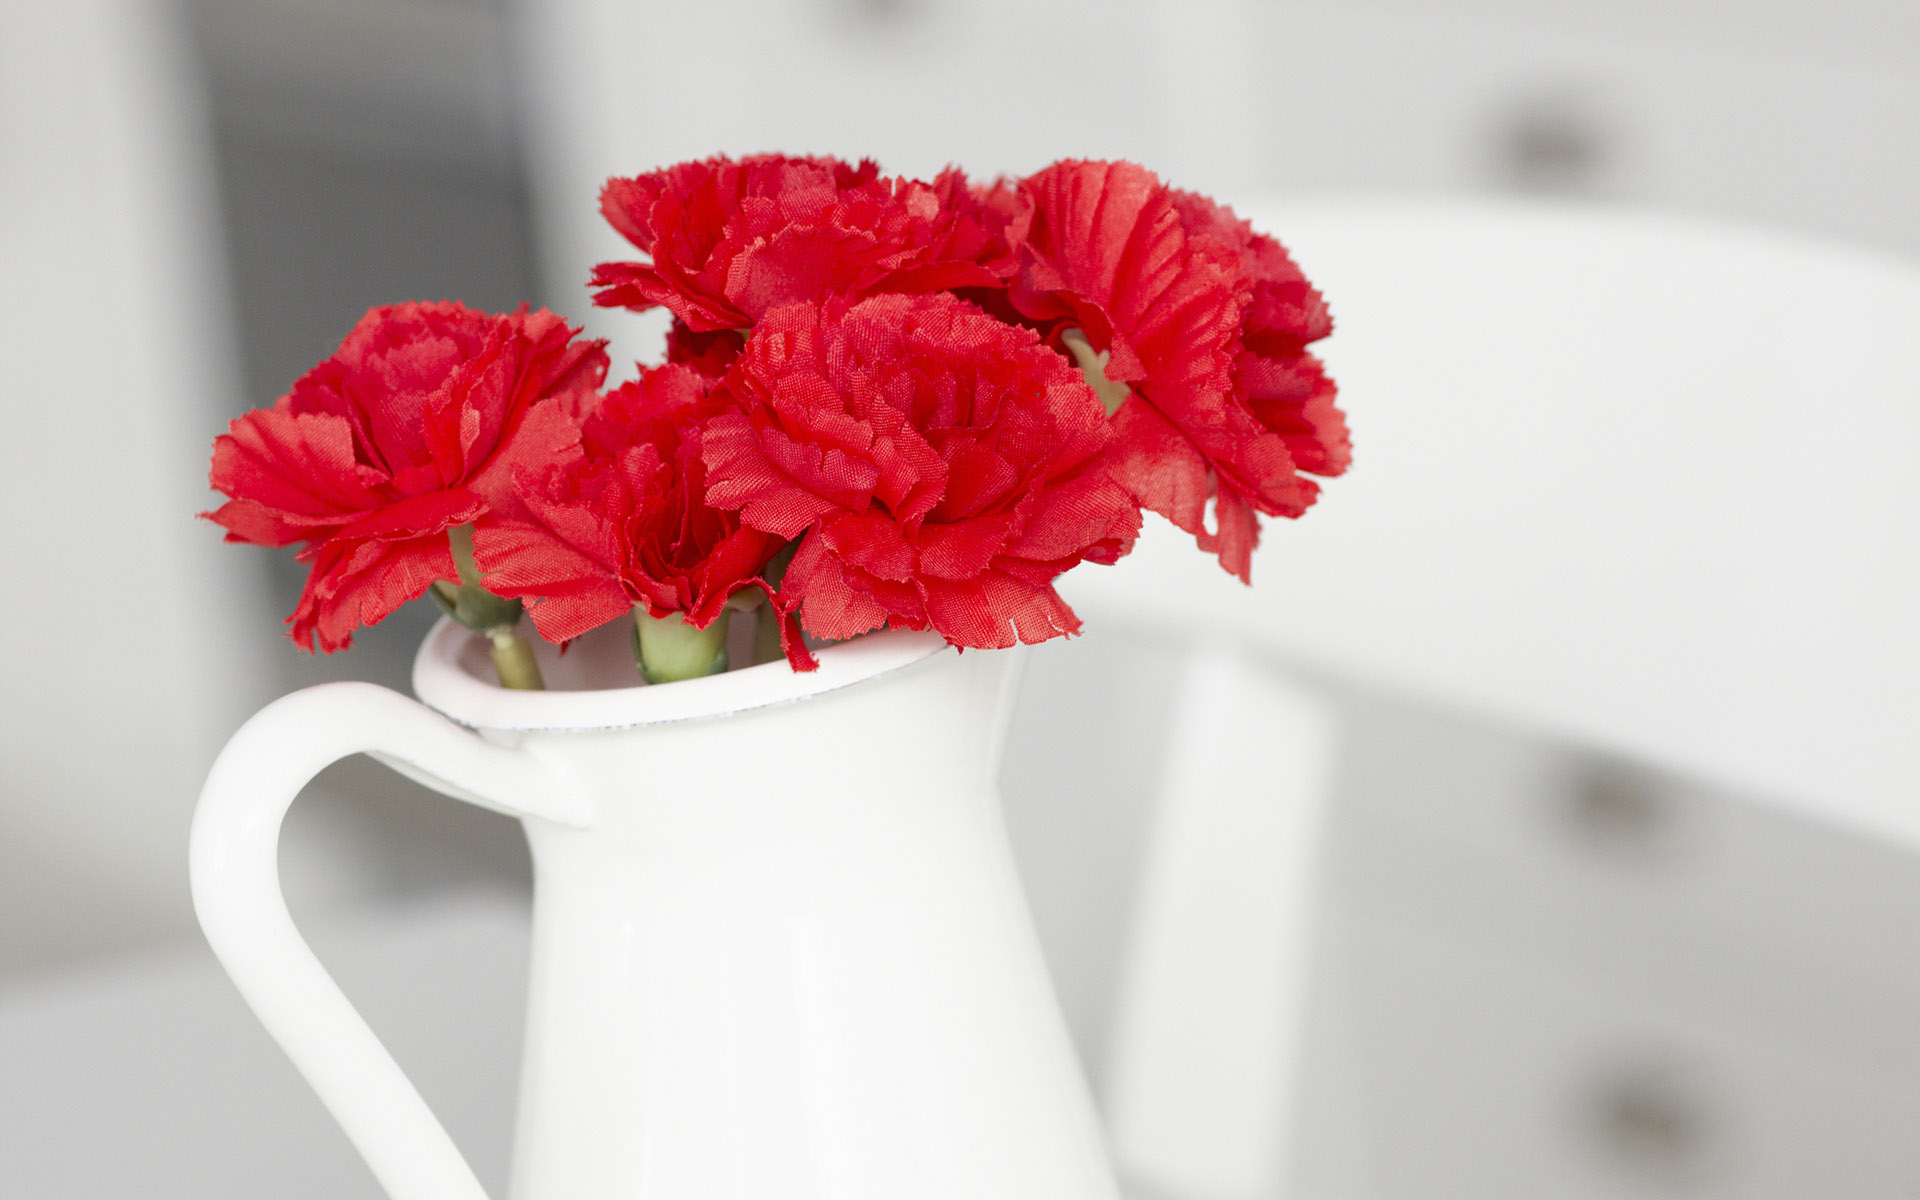 Cửa hàng bán hạt giống hoa Cẩm chướng